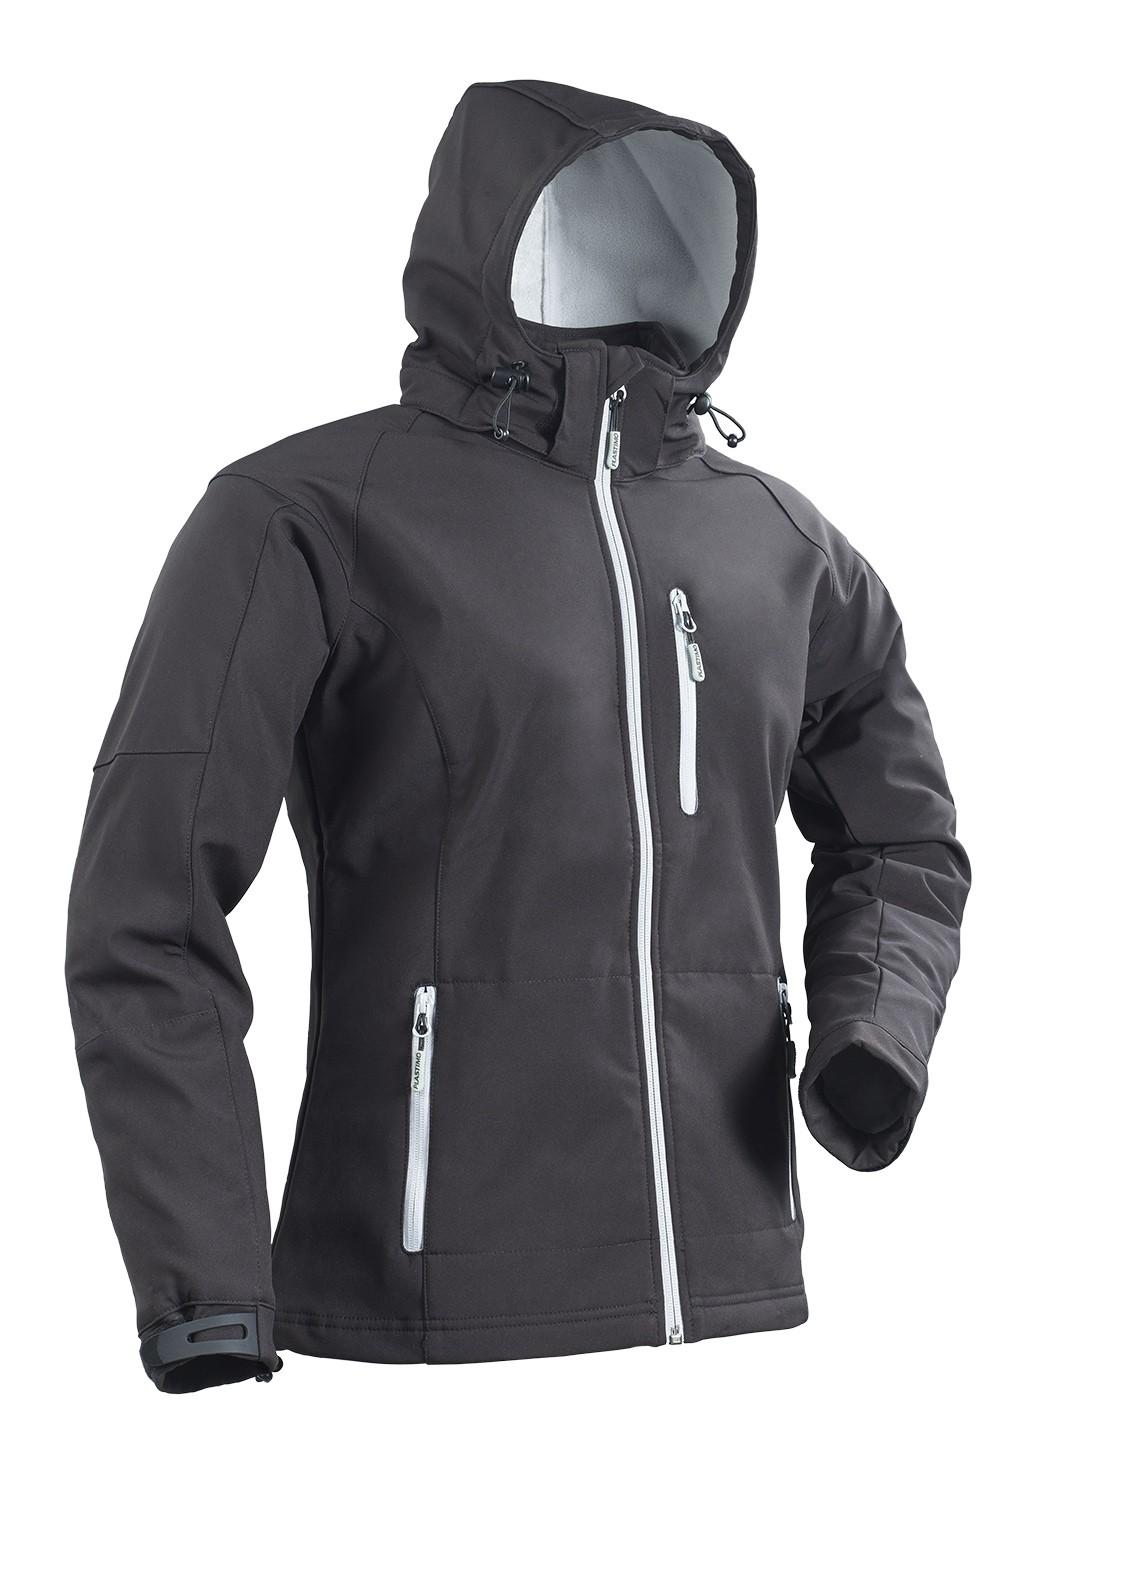 Plastimo XM Softshell Jacke schwarz (versch. Größen)